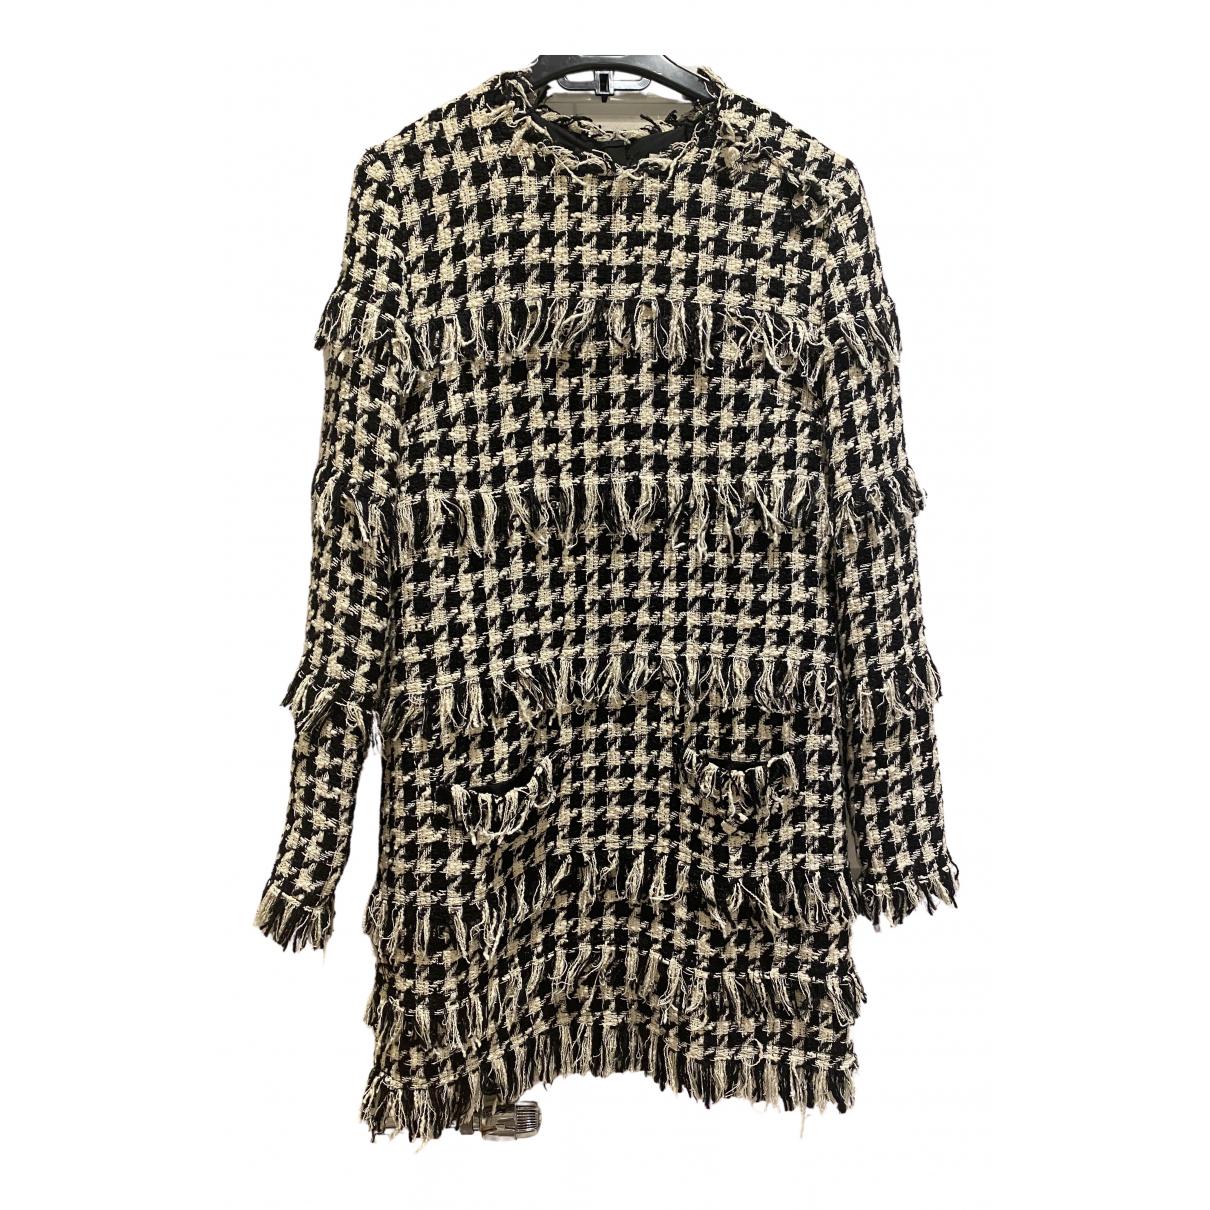 Msgm \N Kleid in  Schwarz Tweed